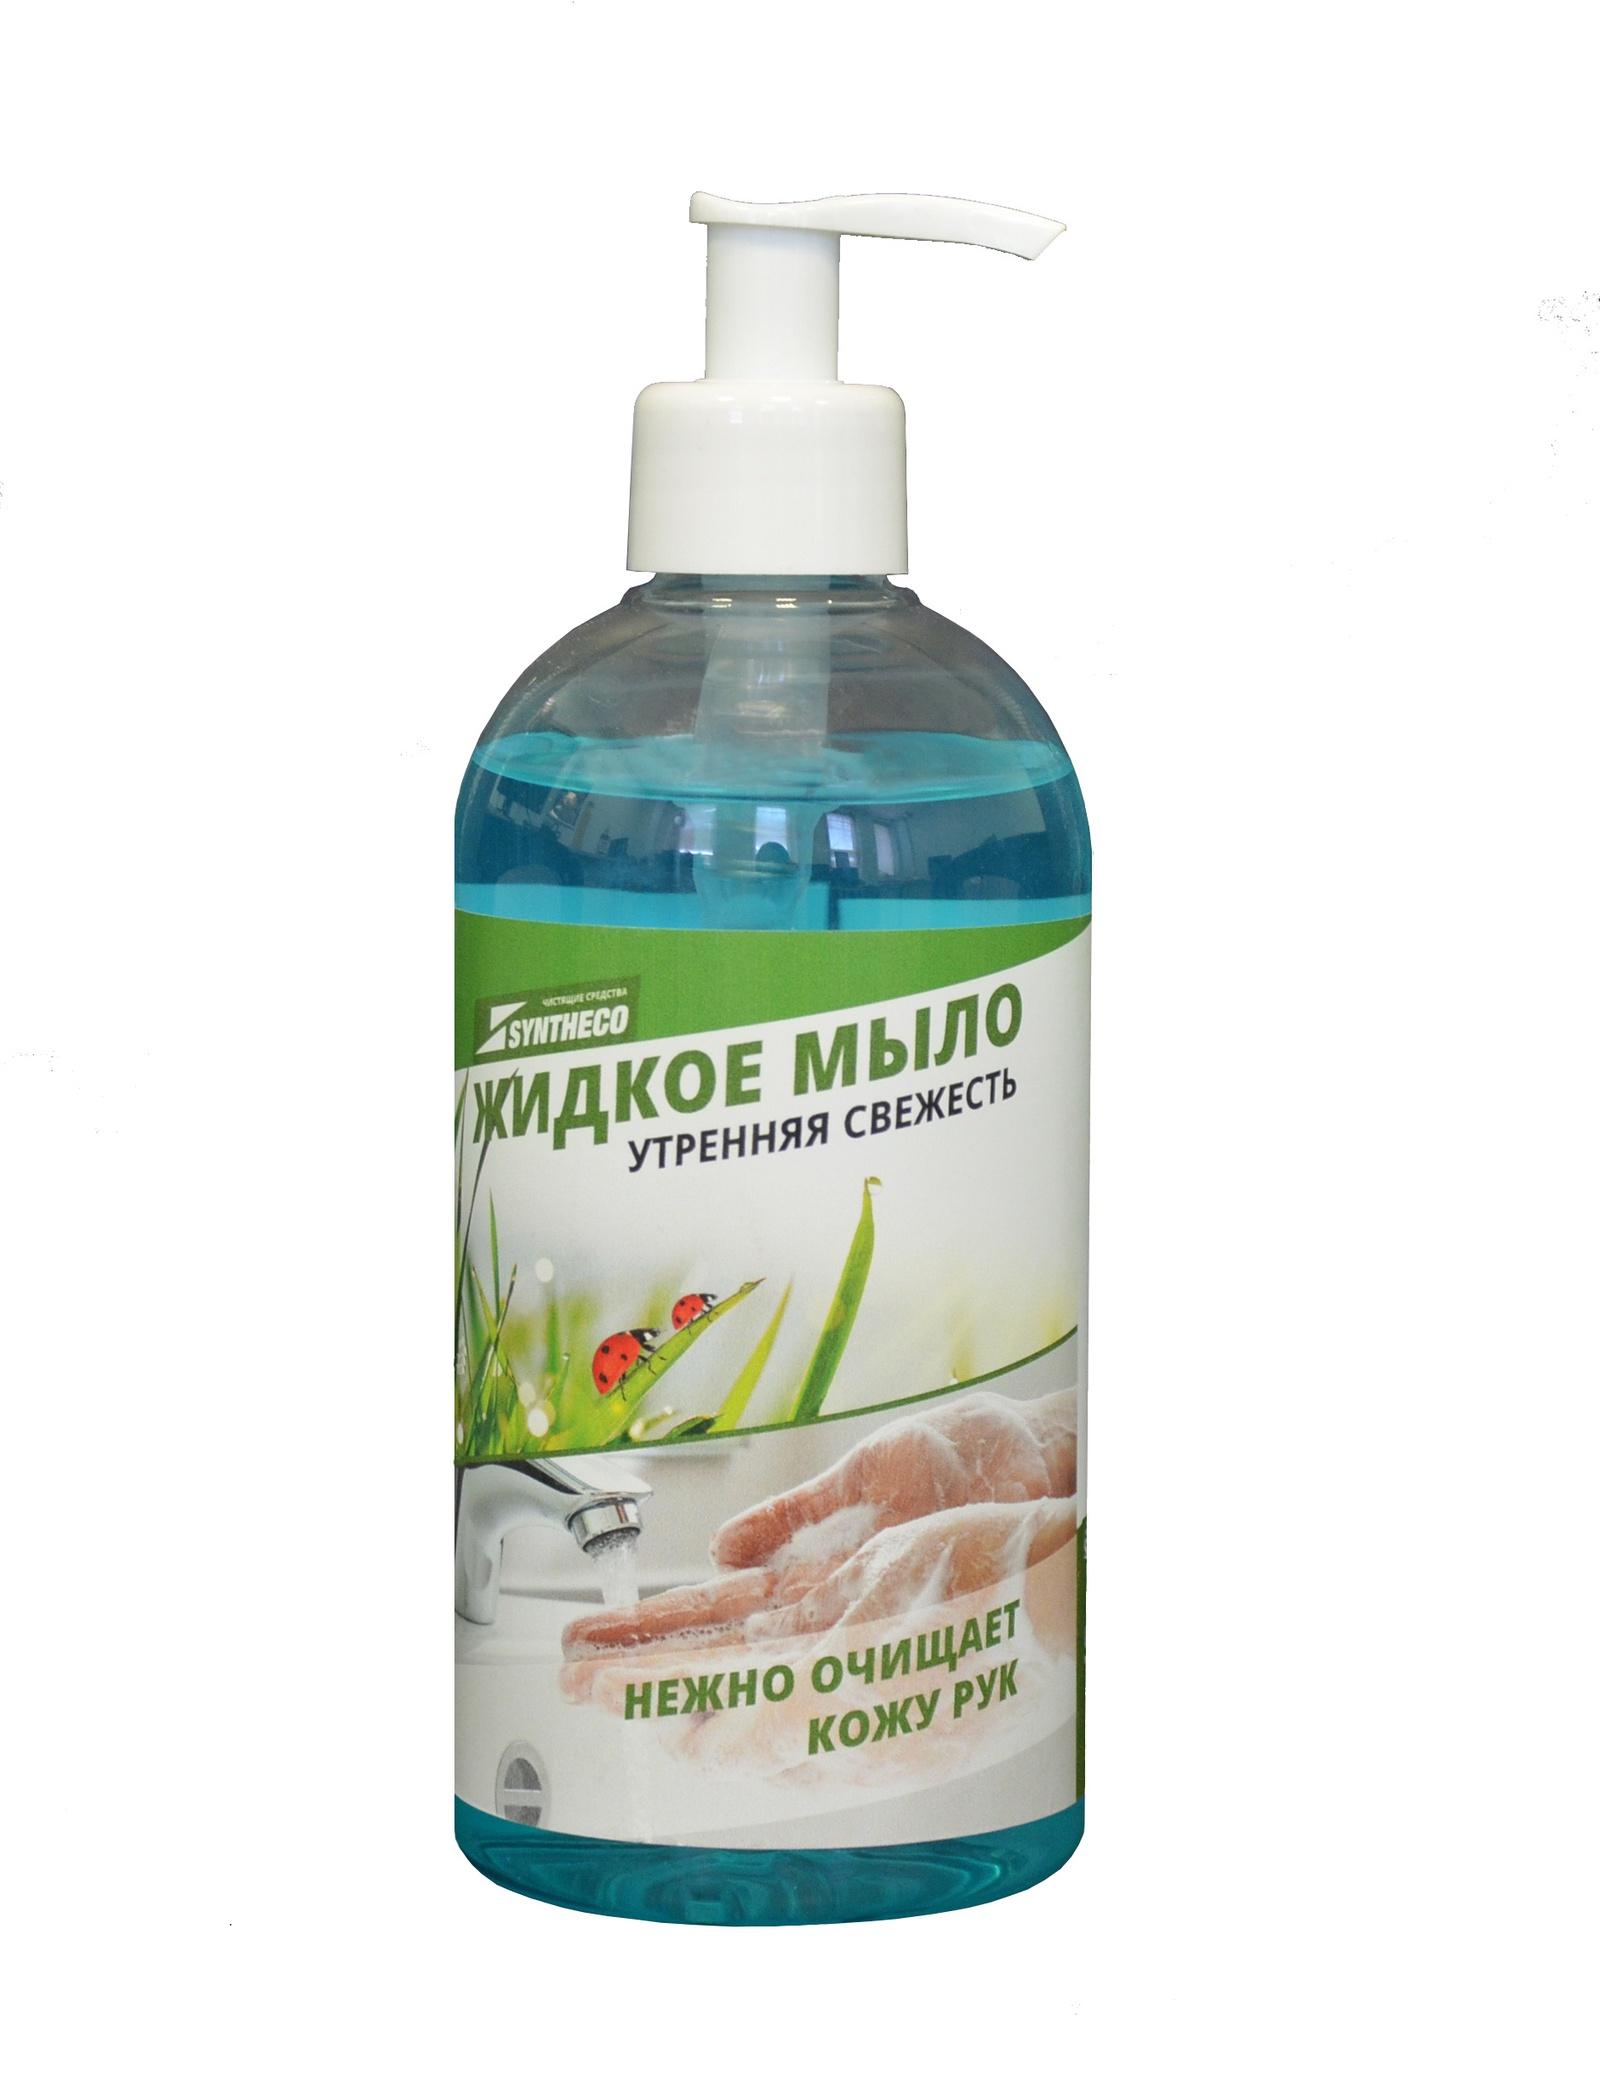 SynthecoЖидкое мыло Утренняя свежесть, 0,5 кг Syntheco